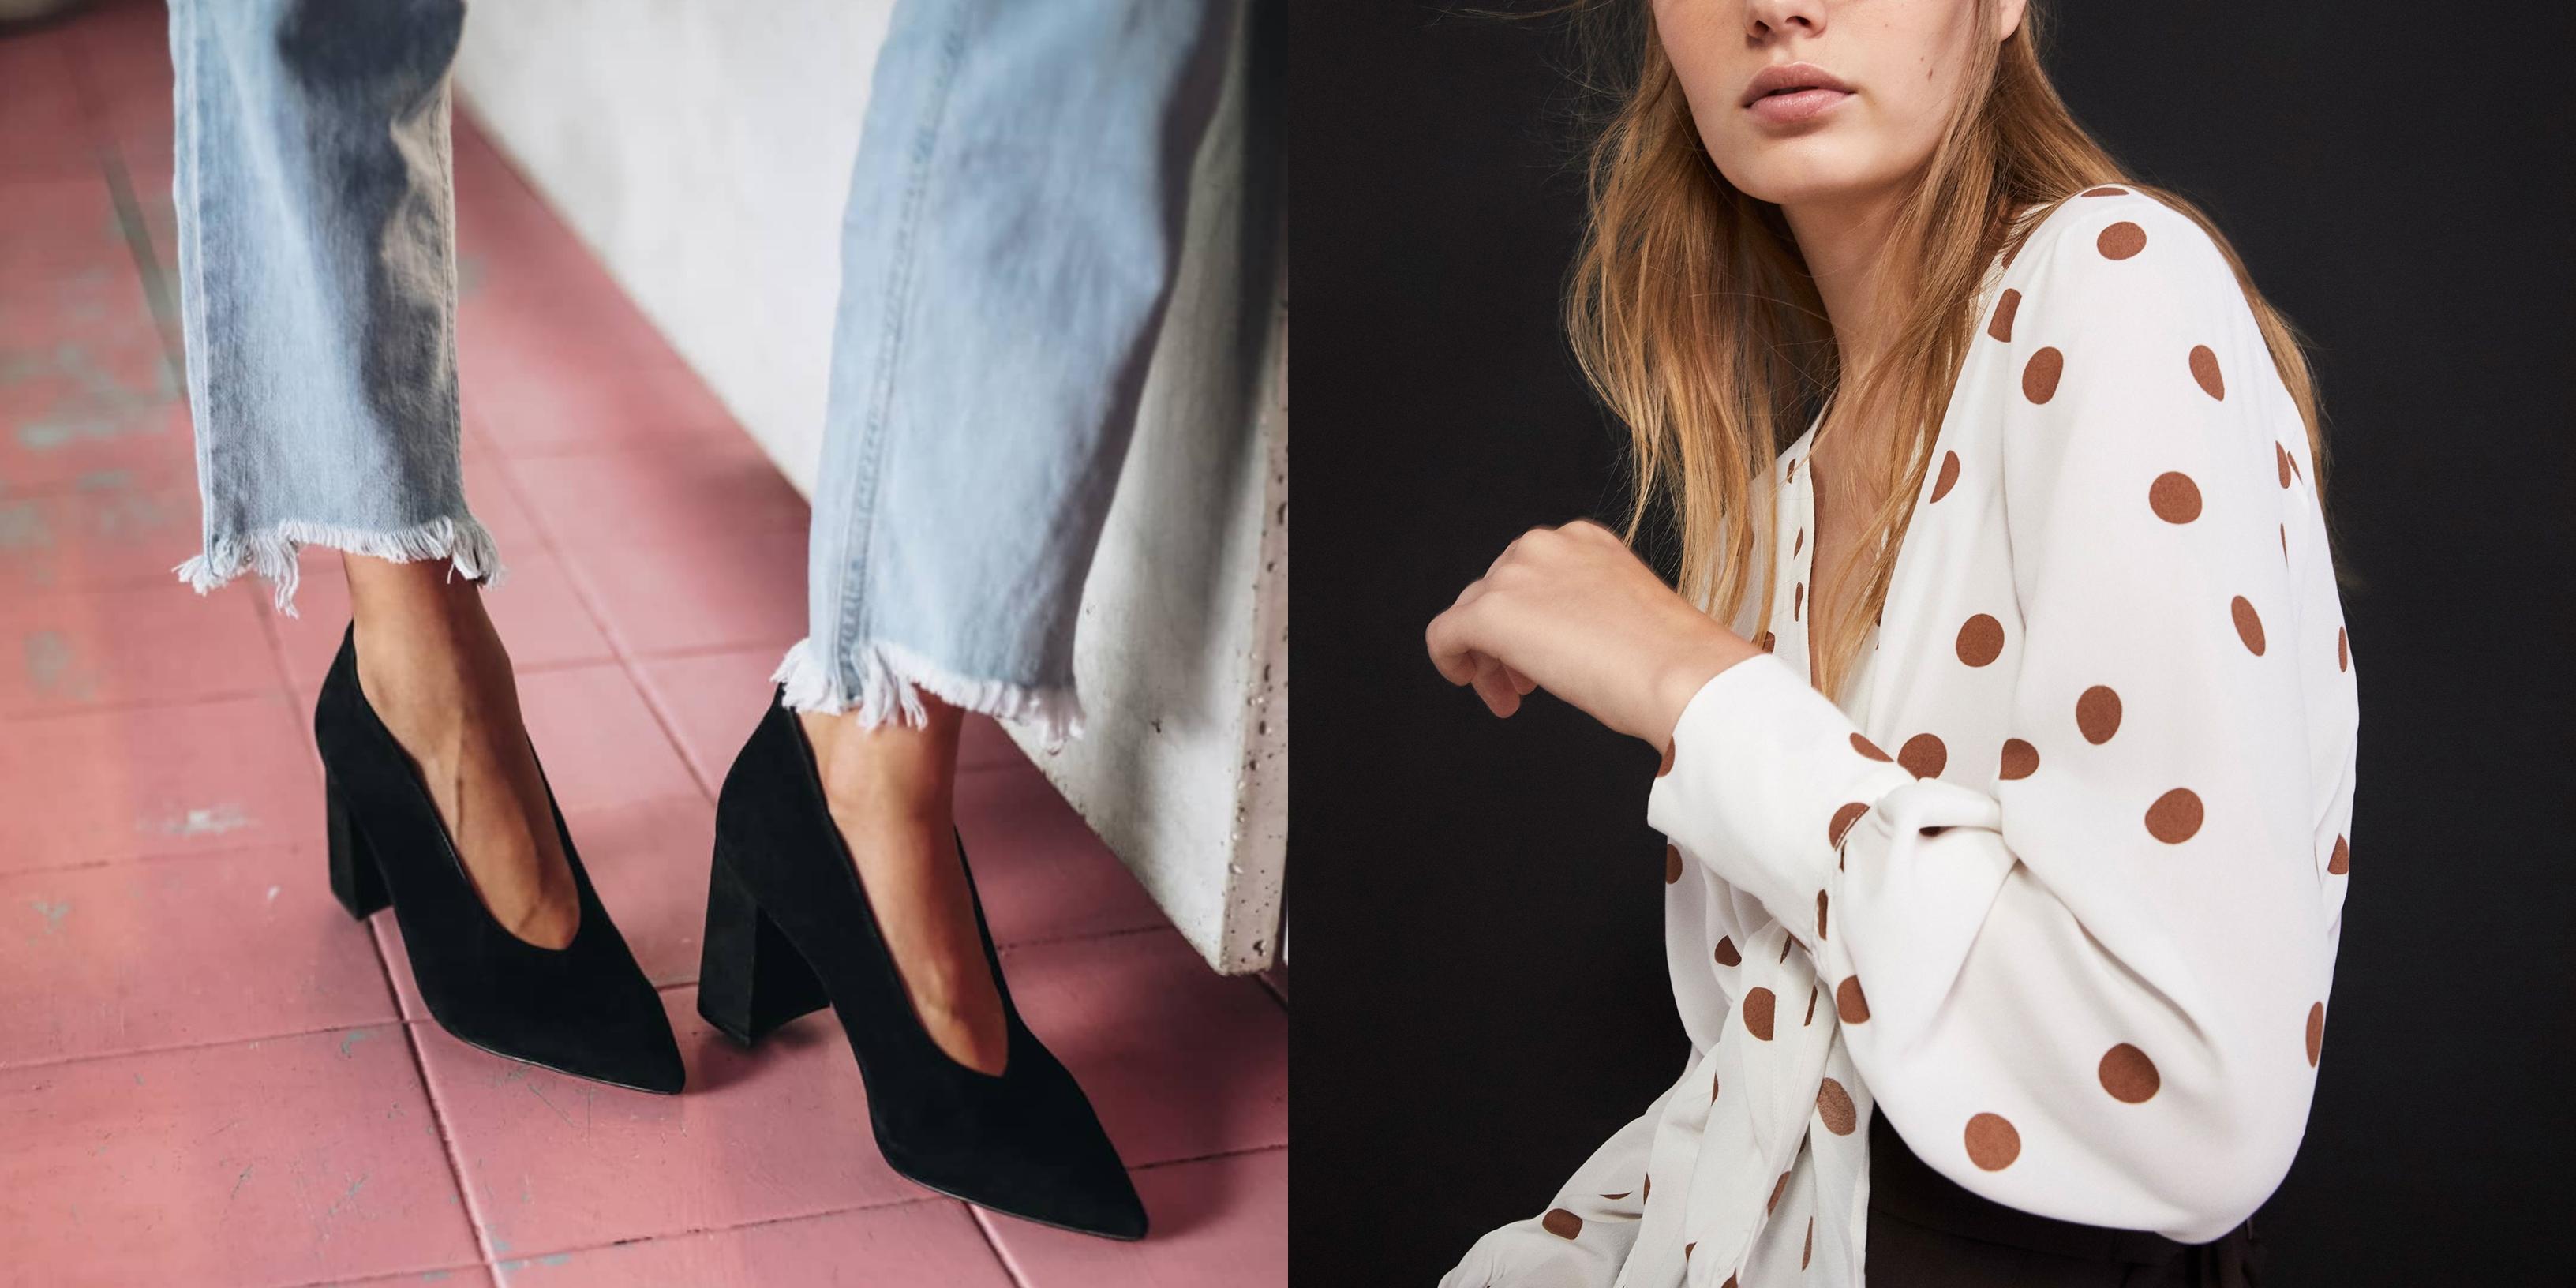 f79772aa09 Jesienne kolekcje sieciówek już w sklepach - wybieramy 10 najpiękniejszych  rzeczy - Elle.pl - trendy wiosna lato 2019  moda